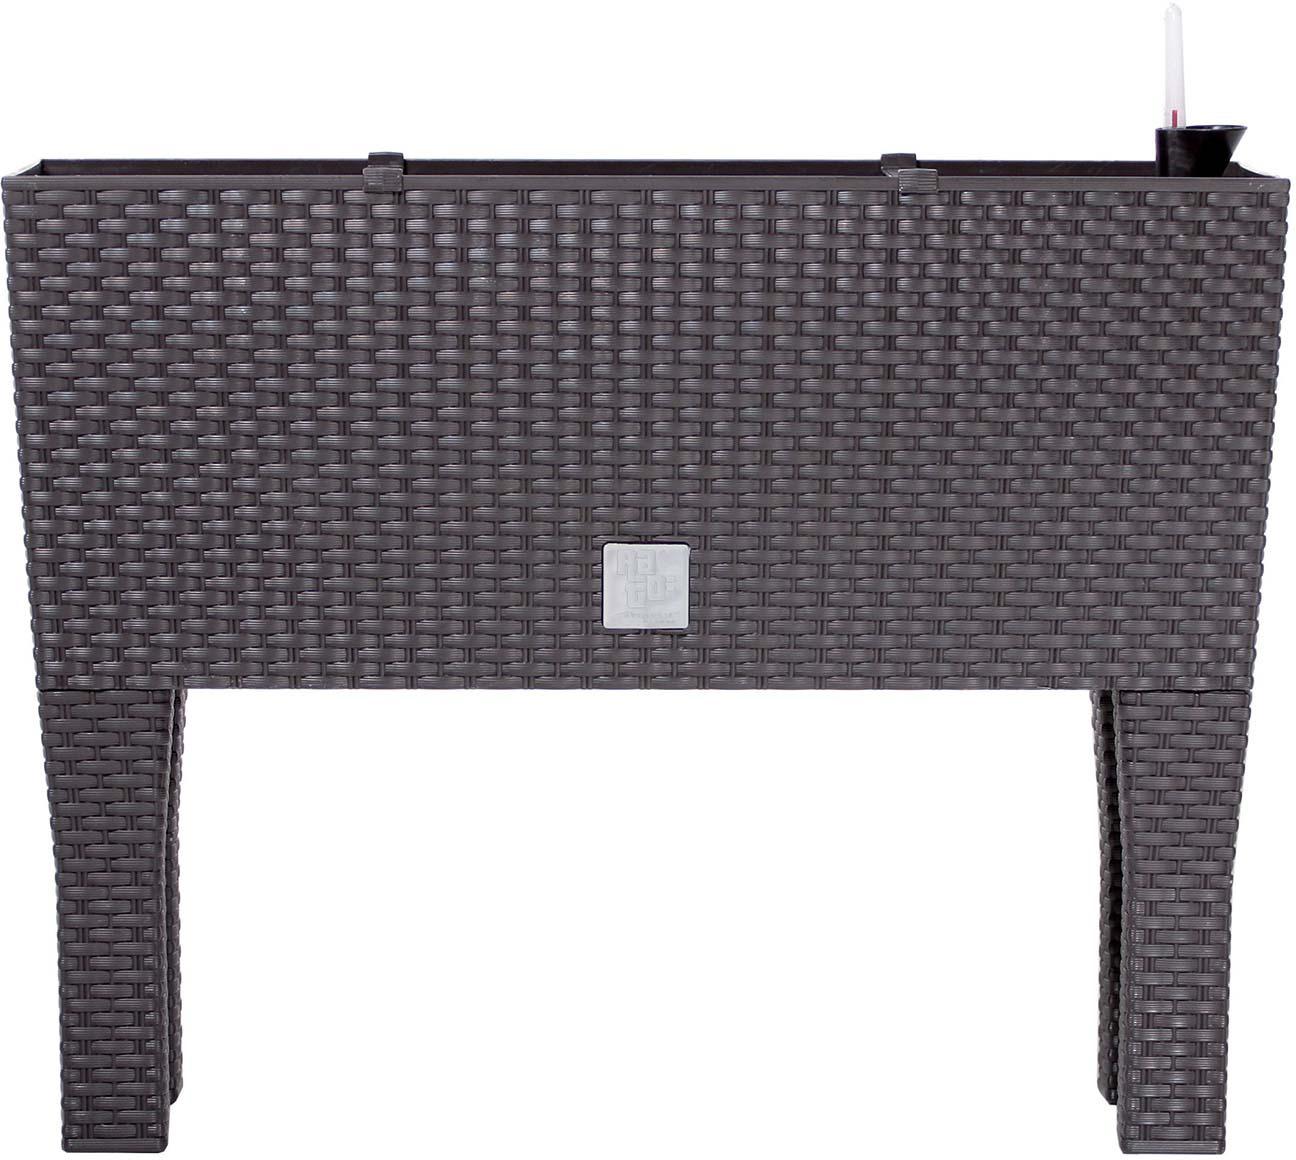 Кашпо с системой автополива Prosperplast Rato Case High, DRTC800H-440U, венге, 80 х 33 х 65 см кашпо prosperplast rato square drts325 440u wenge